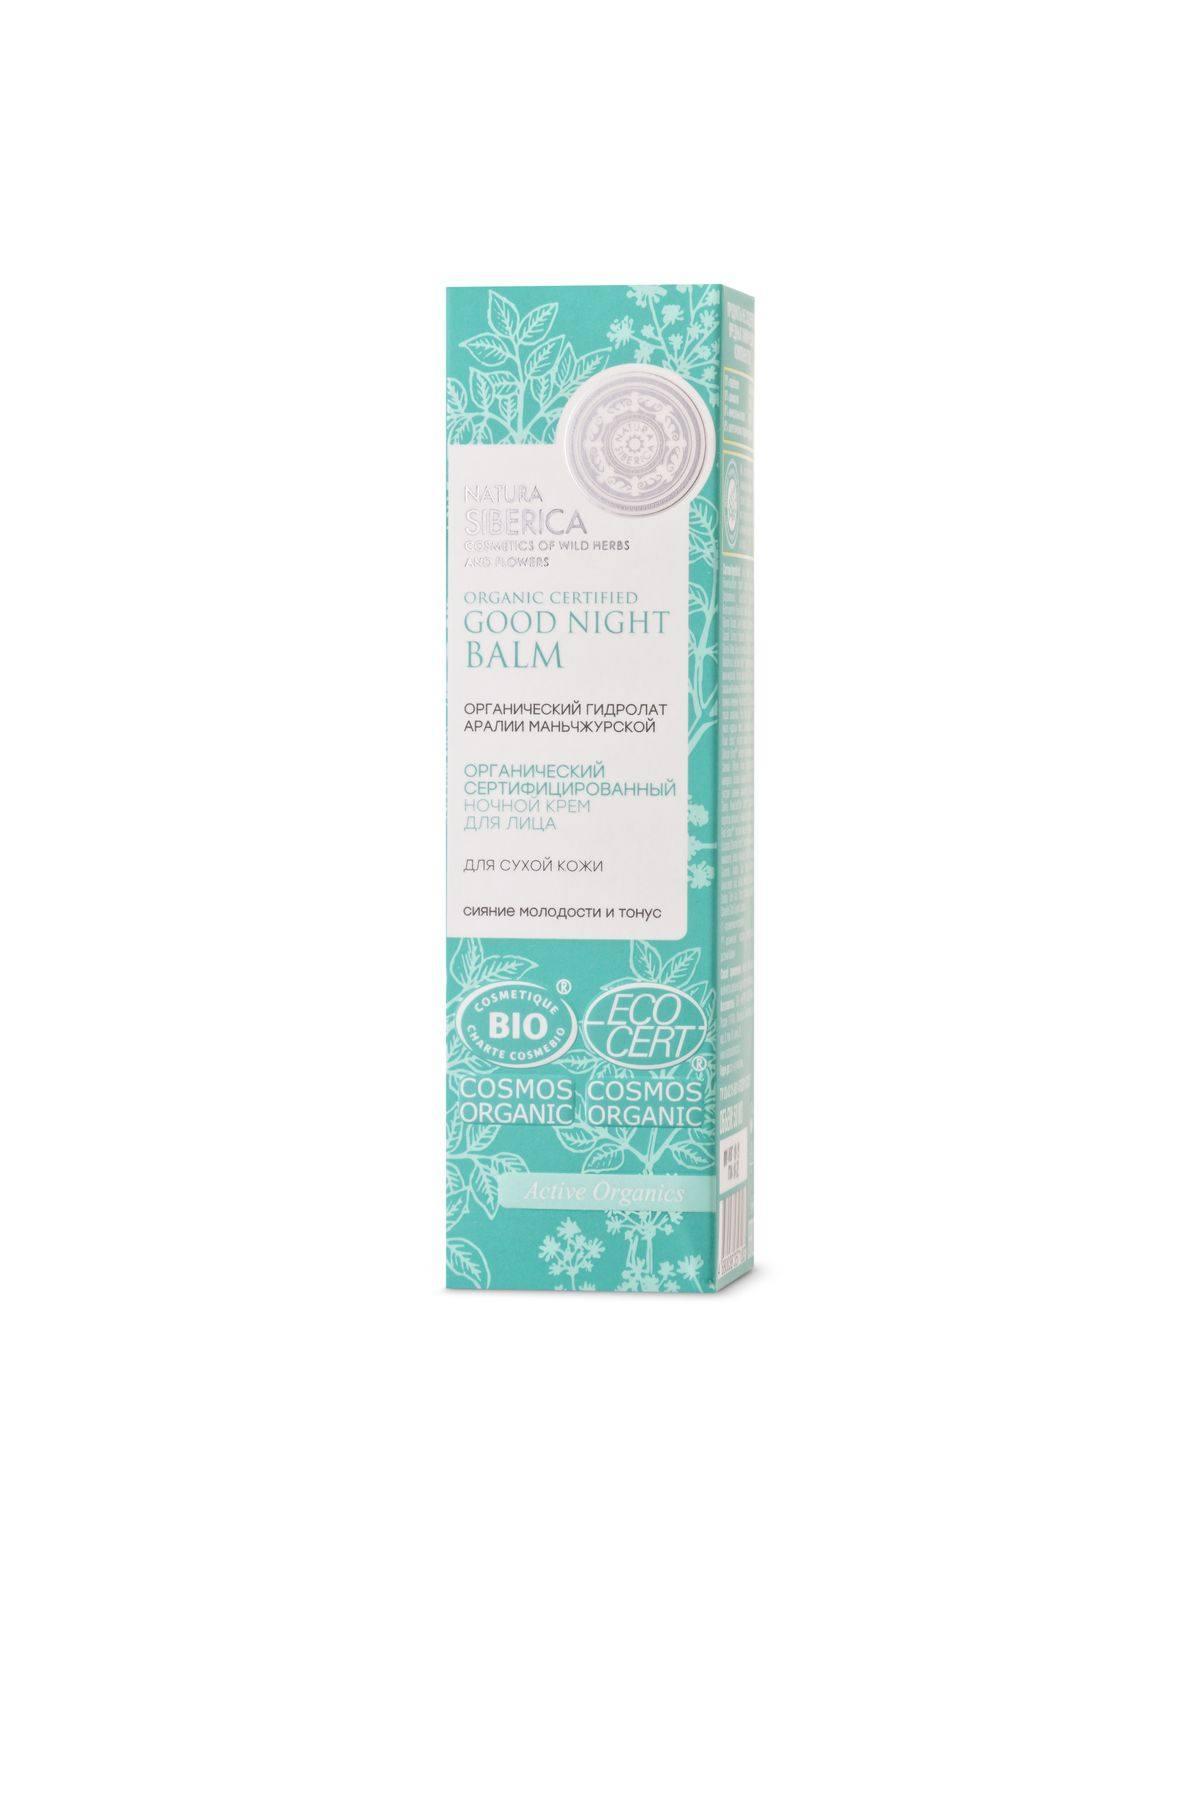 Купить Natura Siberica Cosmos Органический сертифицированный ночной крем для лица для сухой кожи, 50 мл (shop: Organic-shops Organic shops)